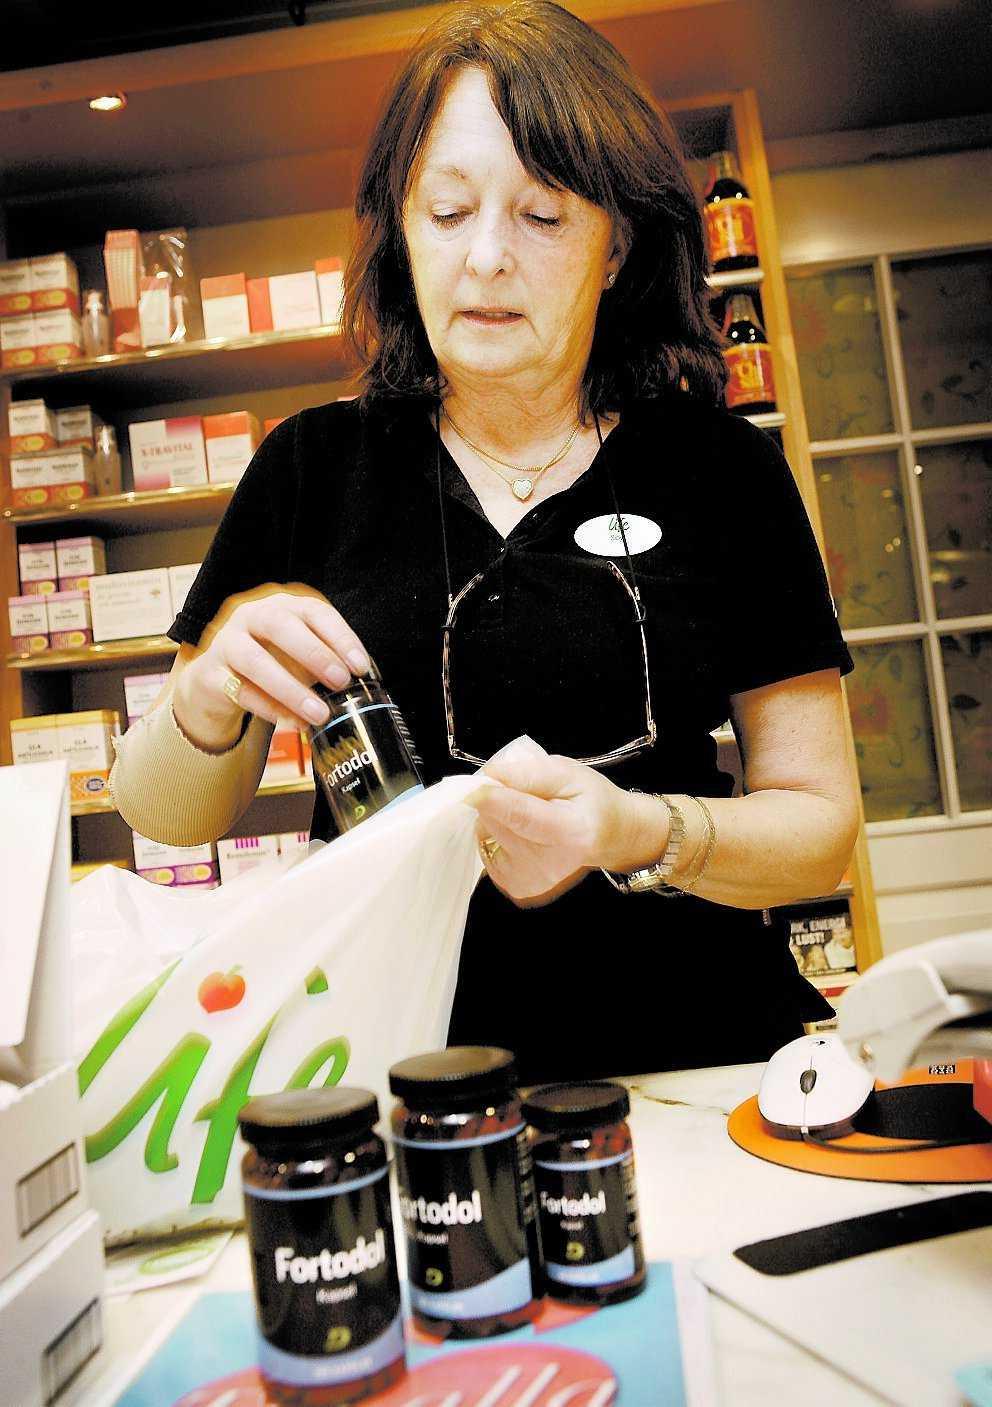 Sverigeleverantören Hela Pharma har valt att återkalla kosttillskottet Fortodol sedan Läkemedelsverket hittat en farlig substans i preparatet. Sybil Wede skickade tillbaka sina burkar i går.